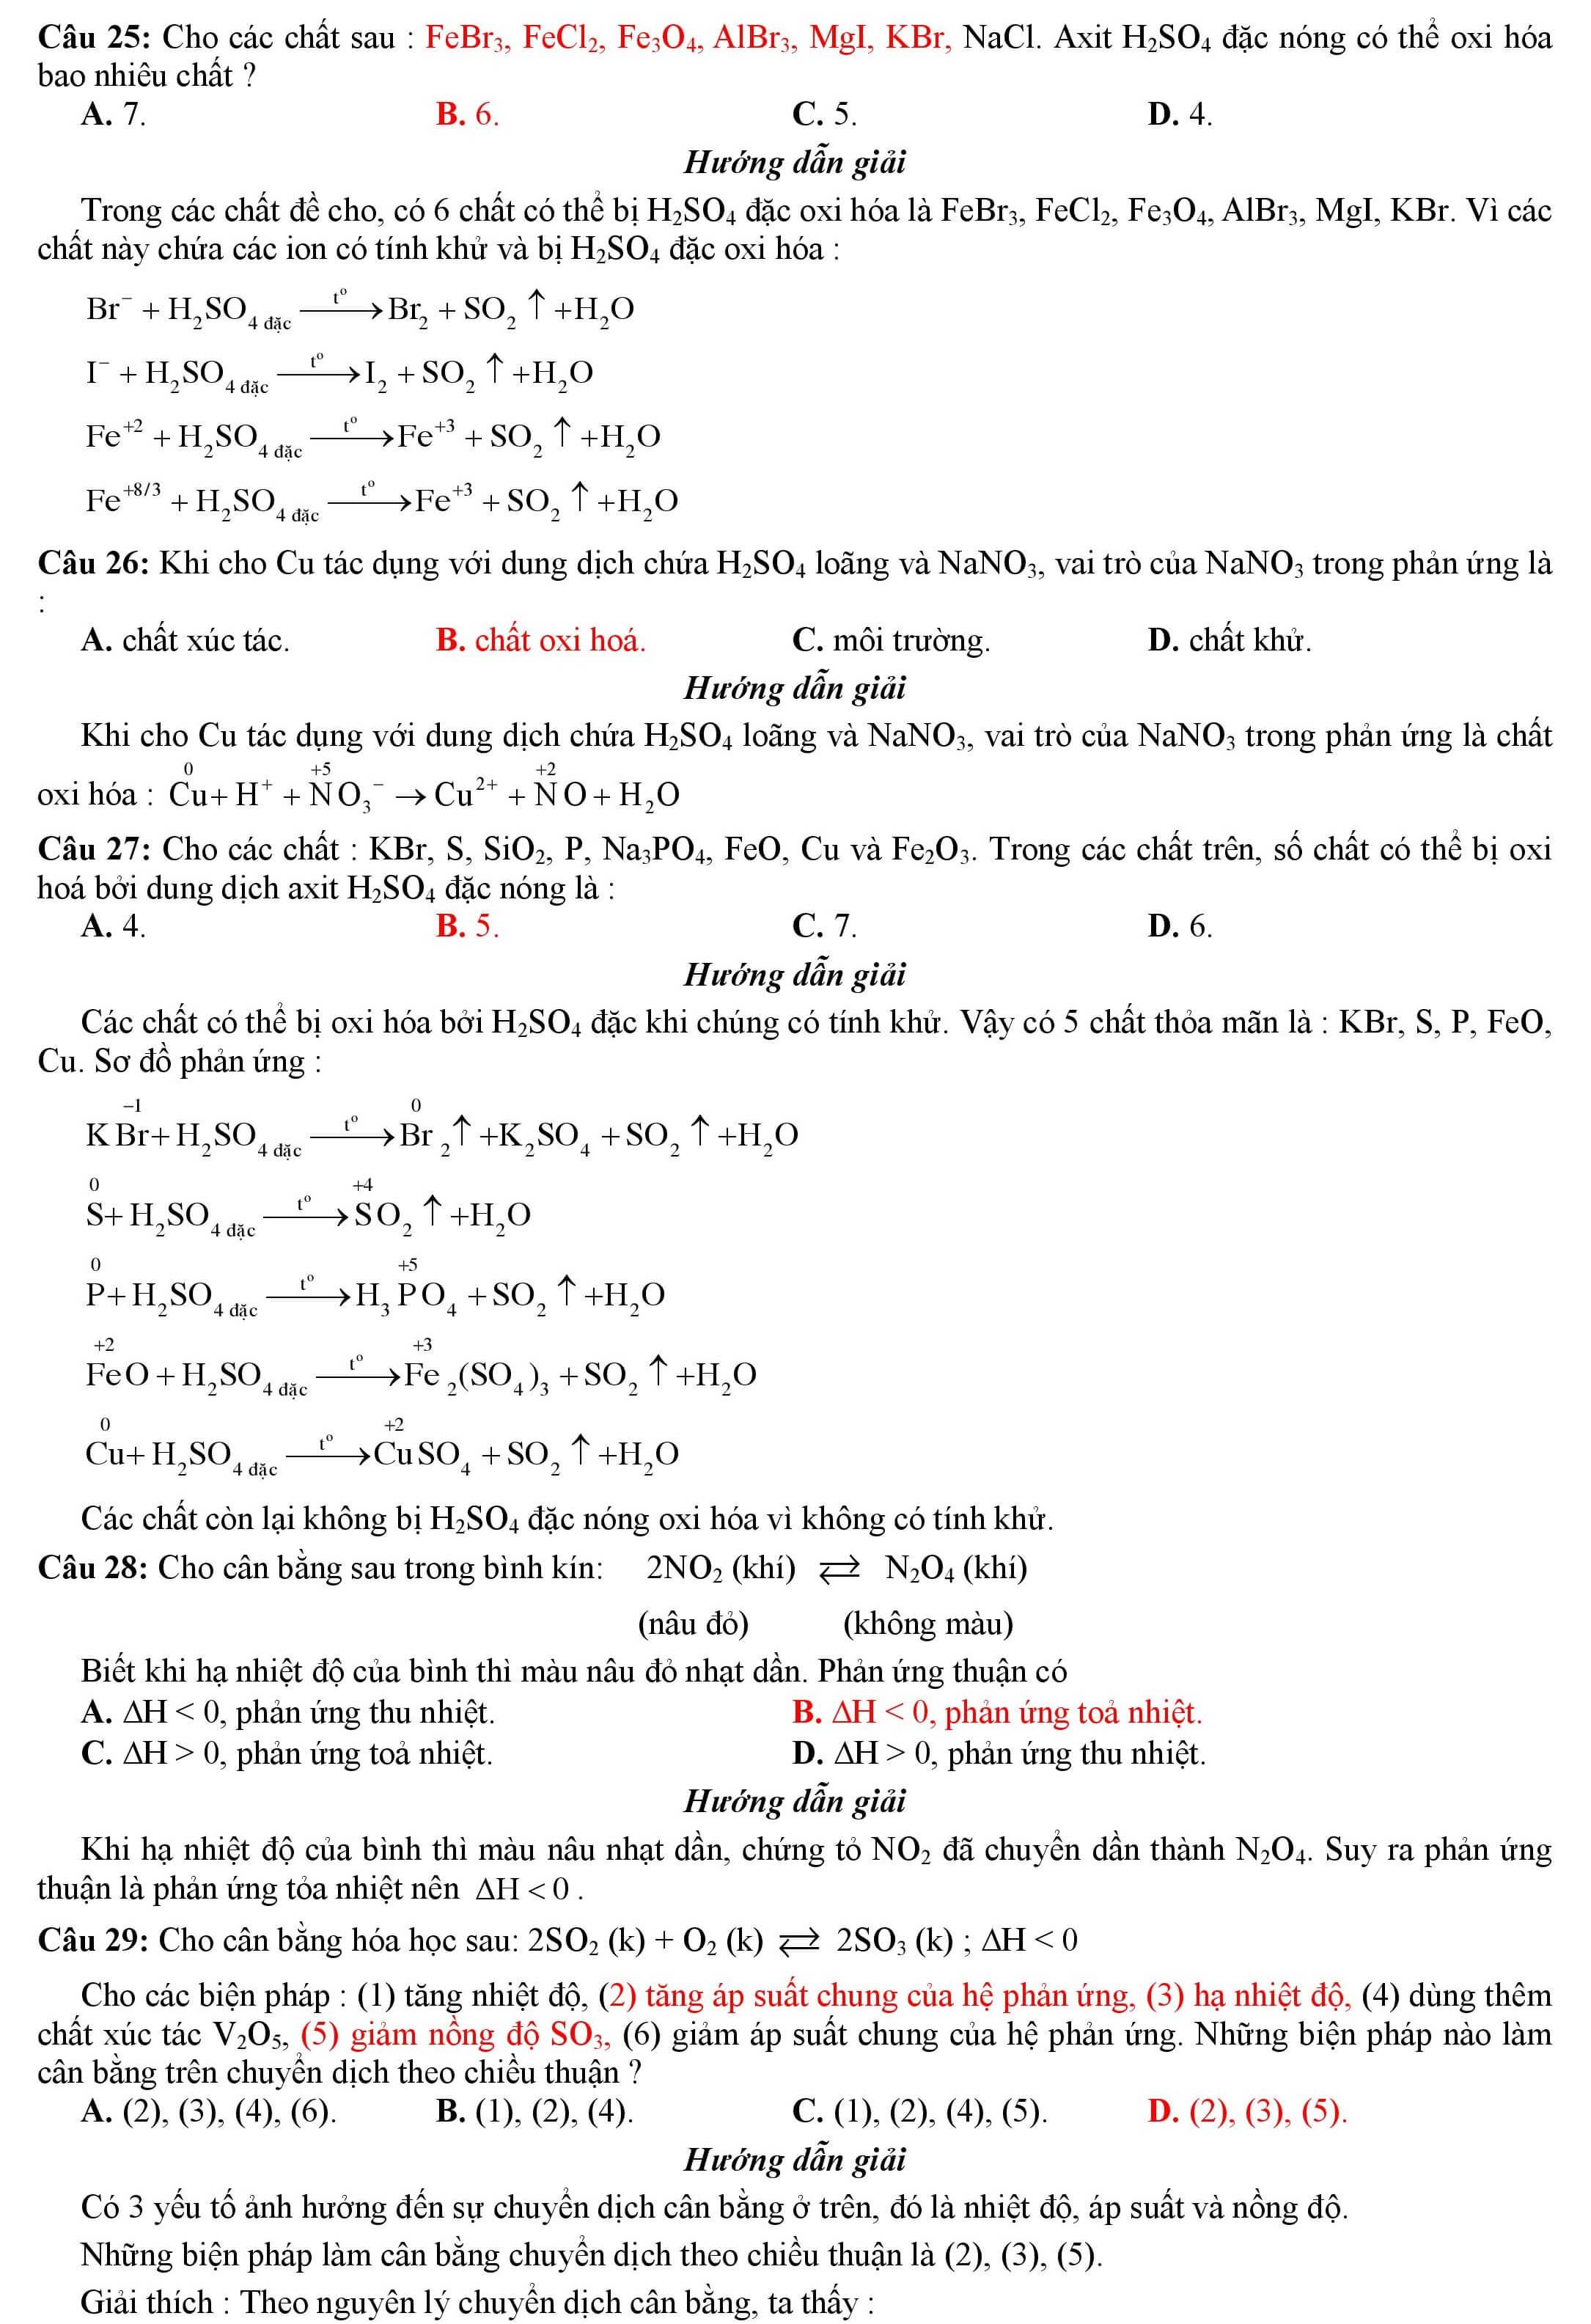 Tốc độ phản ứng và cân bằng hóa học (7).jpg